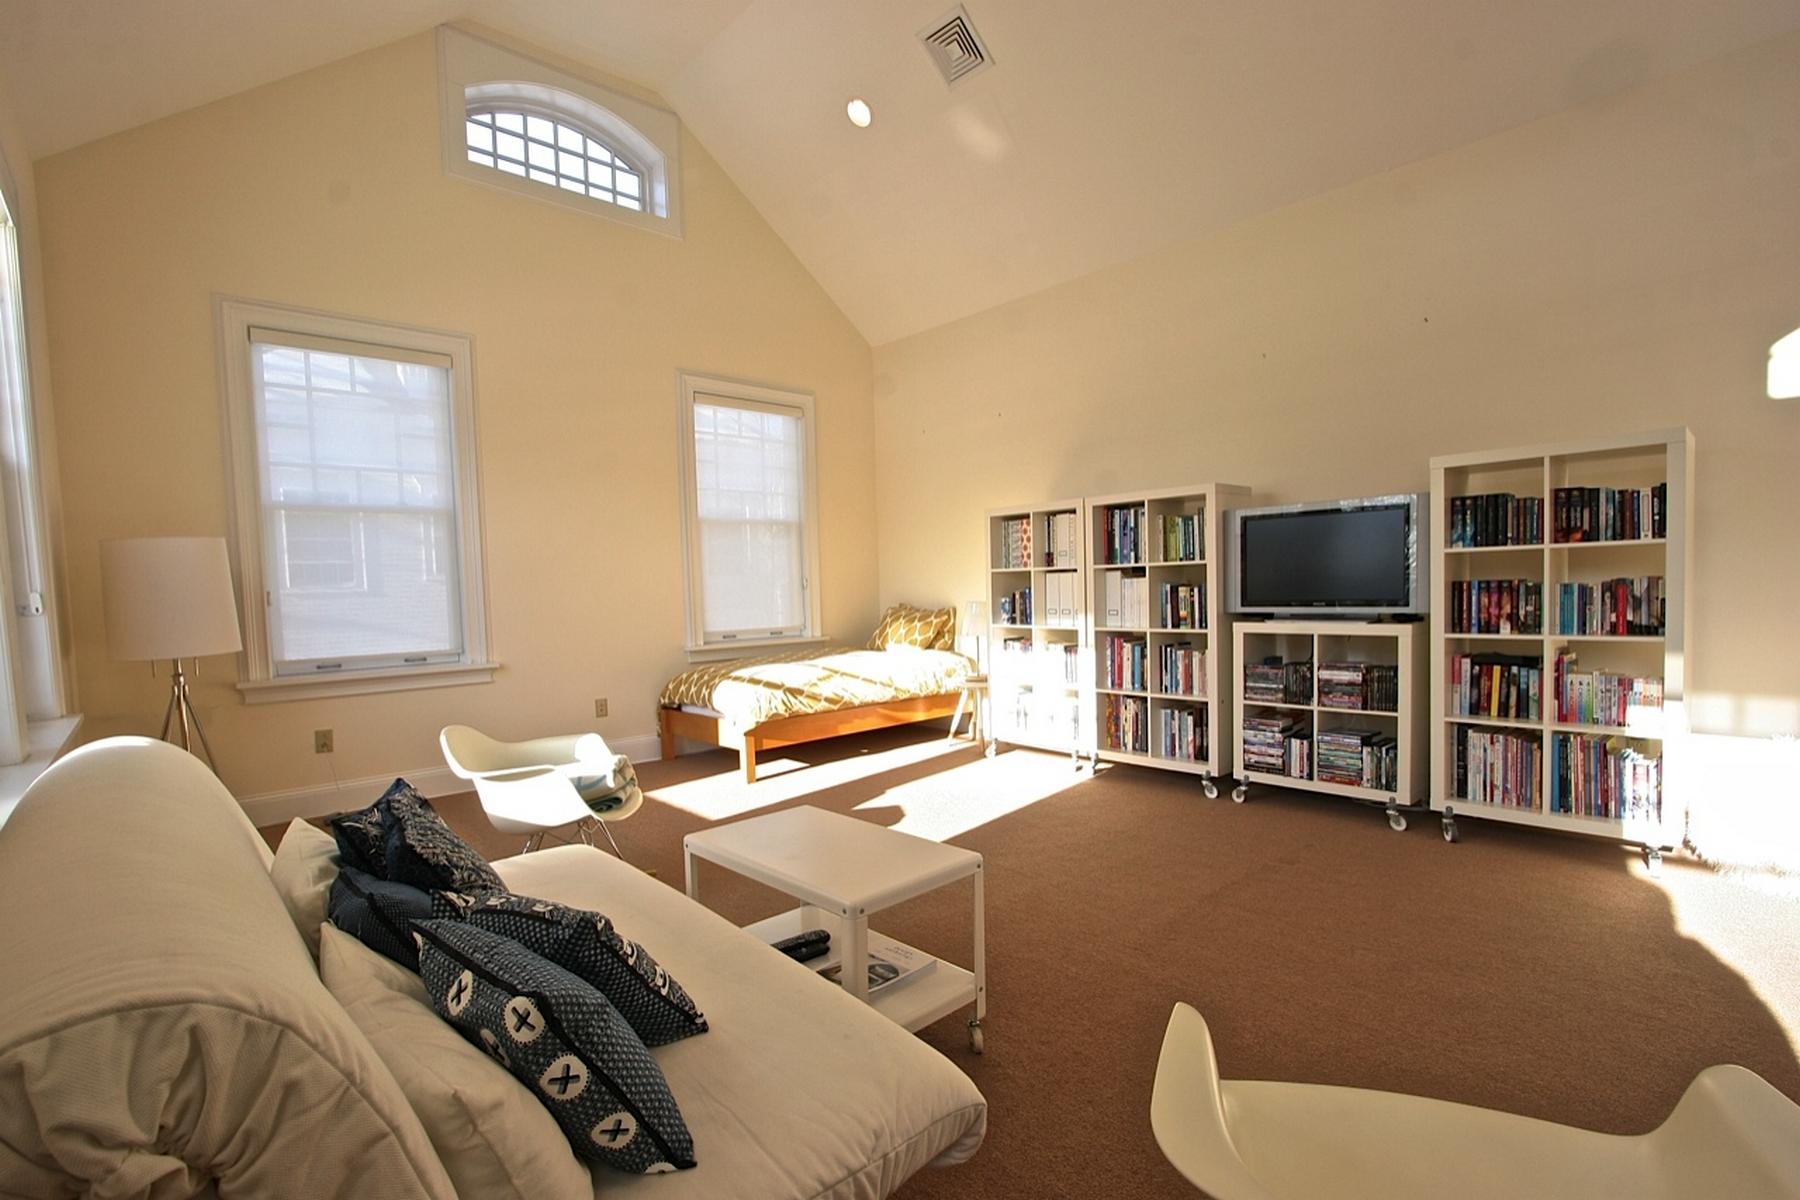 Tek Ailelik Ev için Satış at Your Perfect In-Town Lenox Condo 81 Walker St Lenox, Massachusetts, 01240 Amerika Birleşik Devletleri